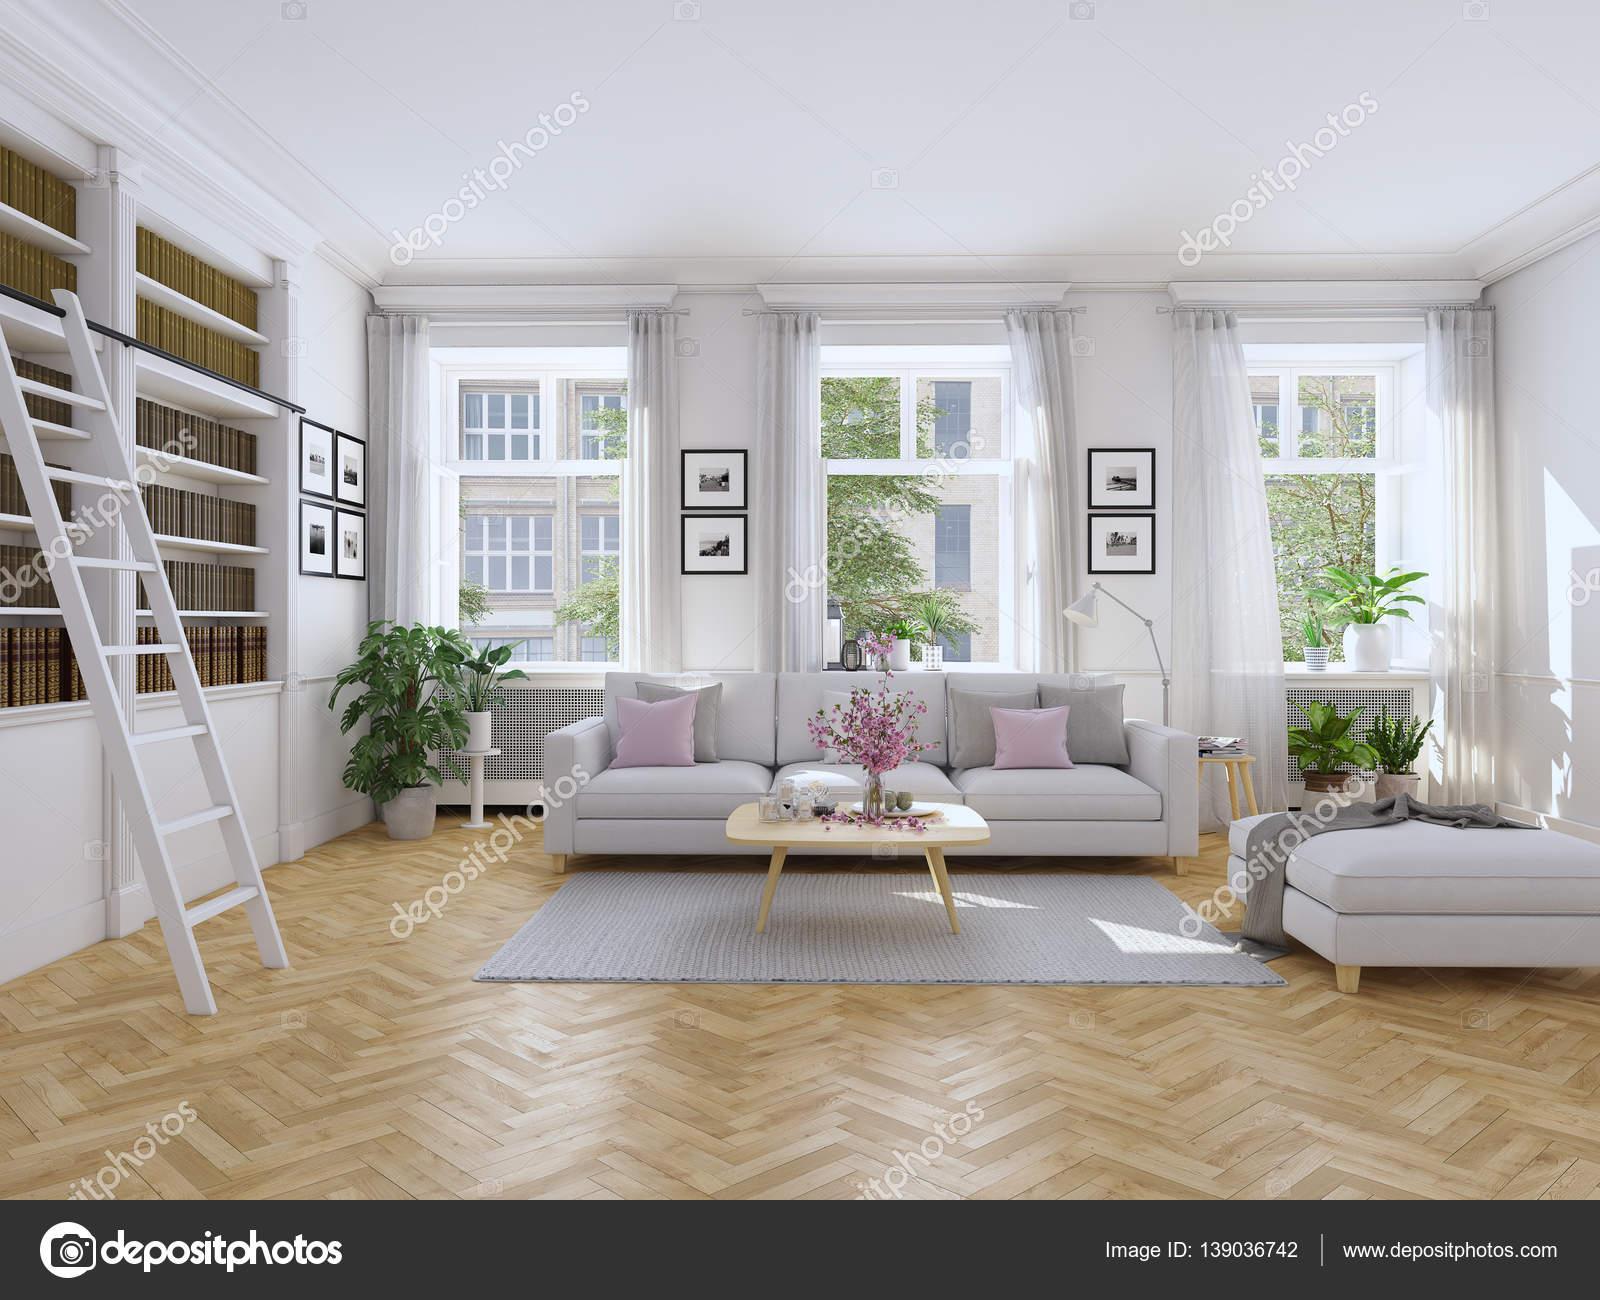 nowoczesny salon w kamienicy renderowania 3d zdj cie stockowe 2mmedia 139036742. Black Bedroom Furniture Sets. Home Design Ideas